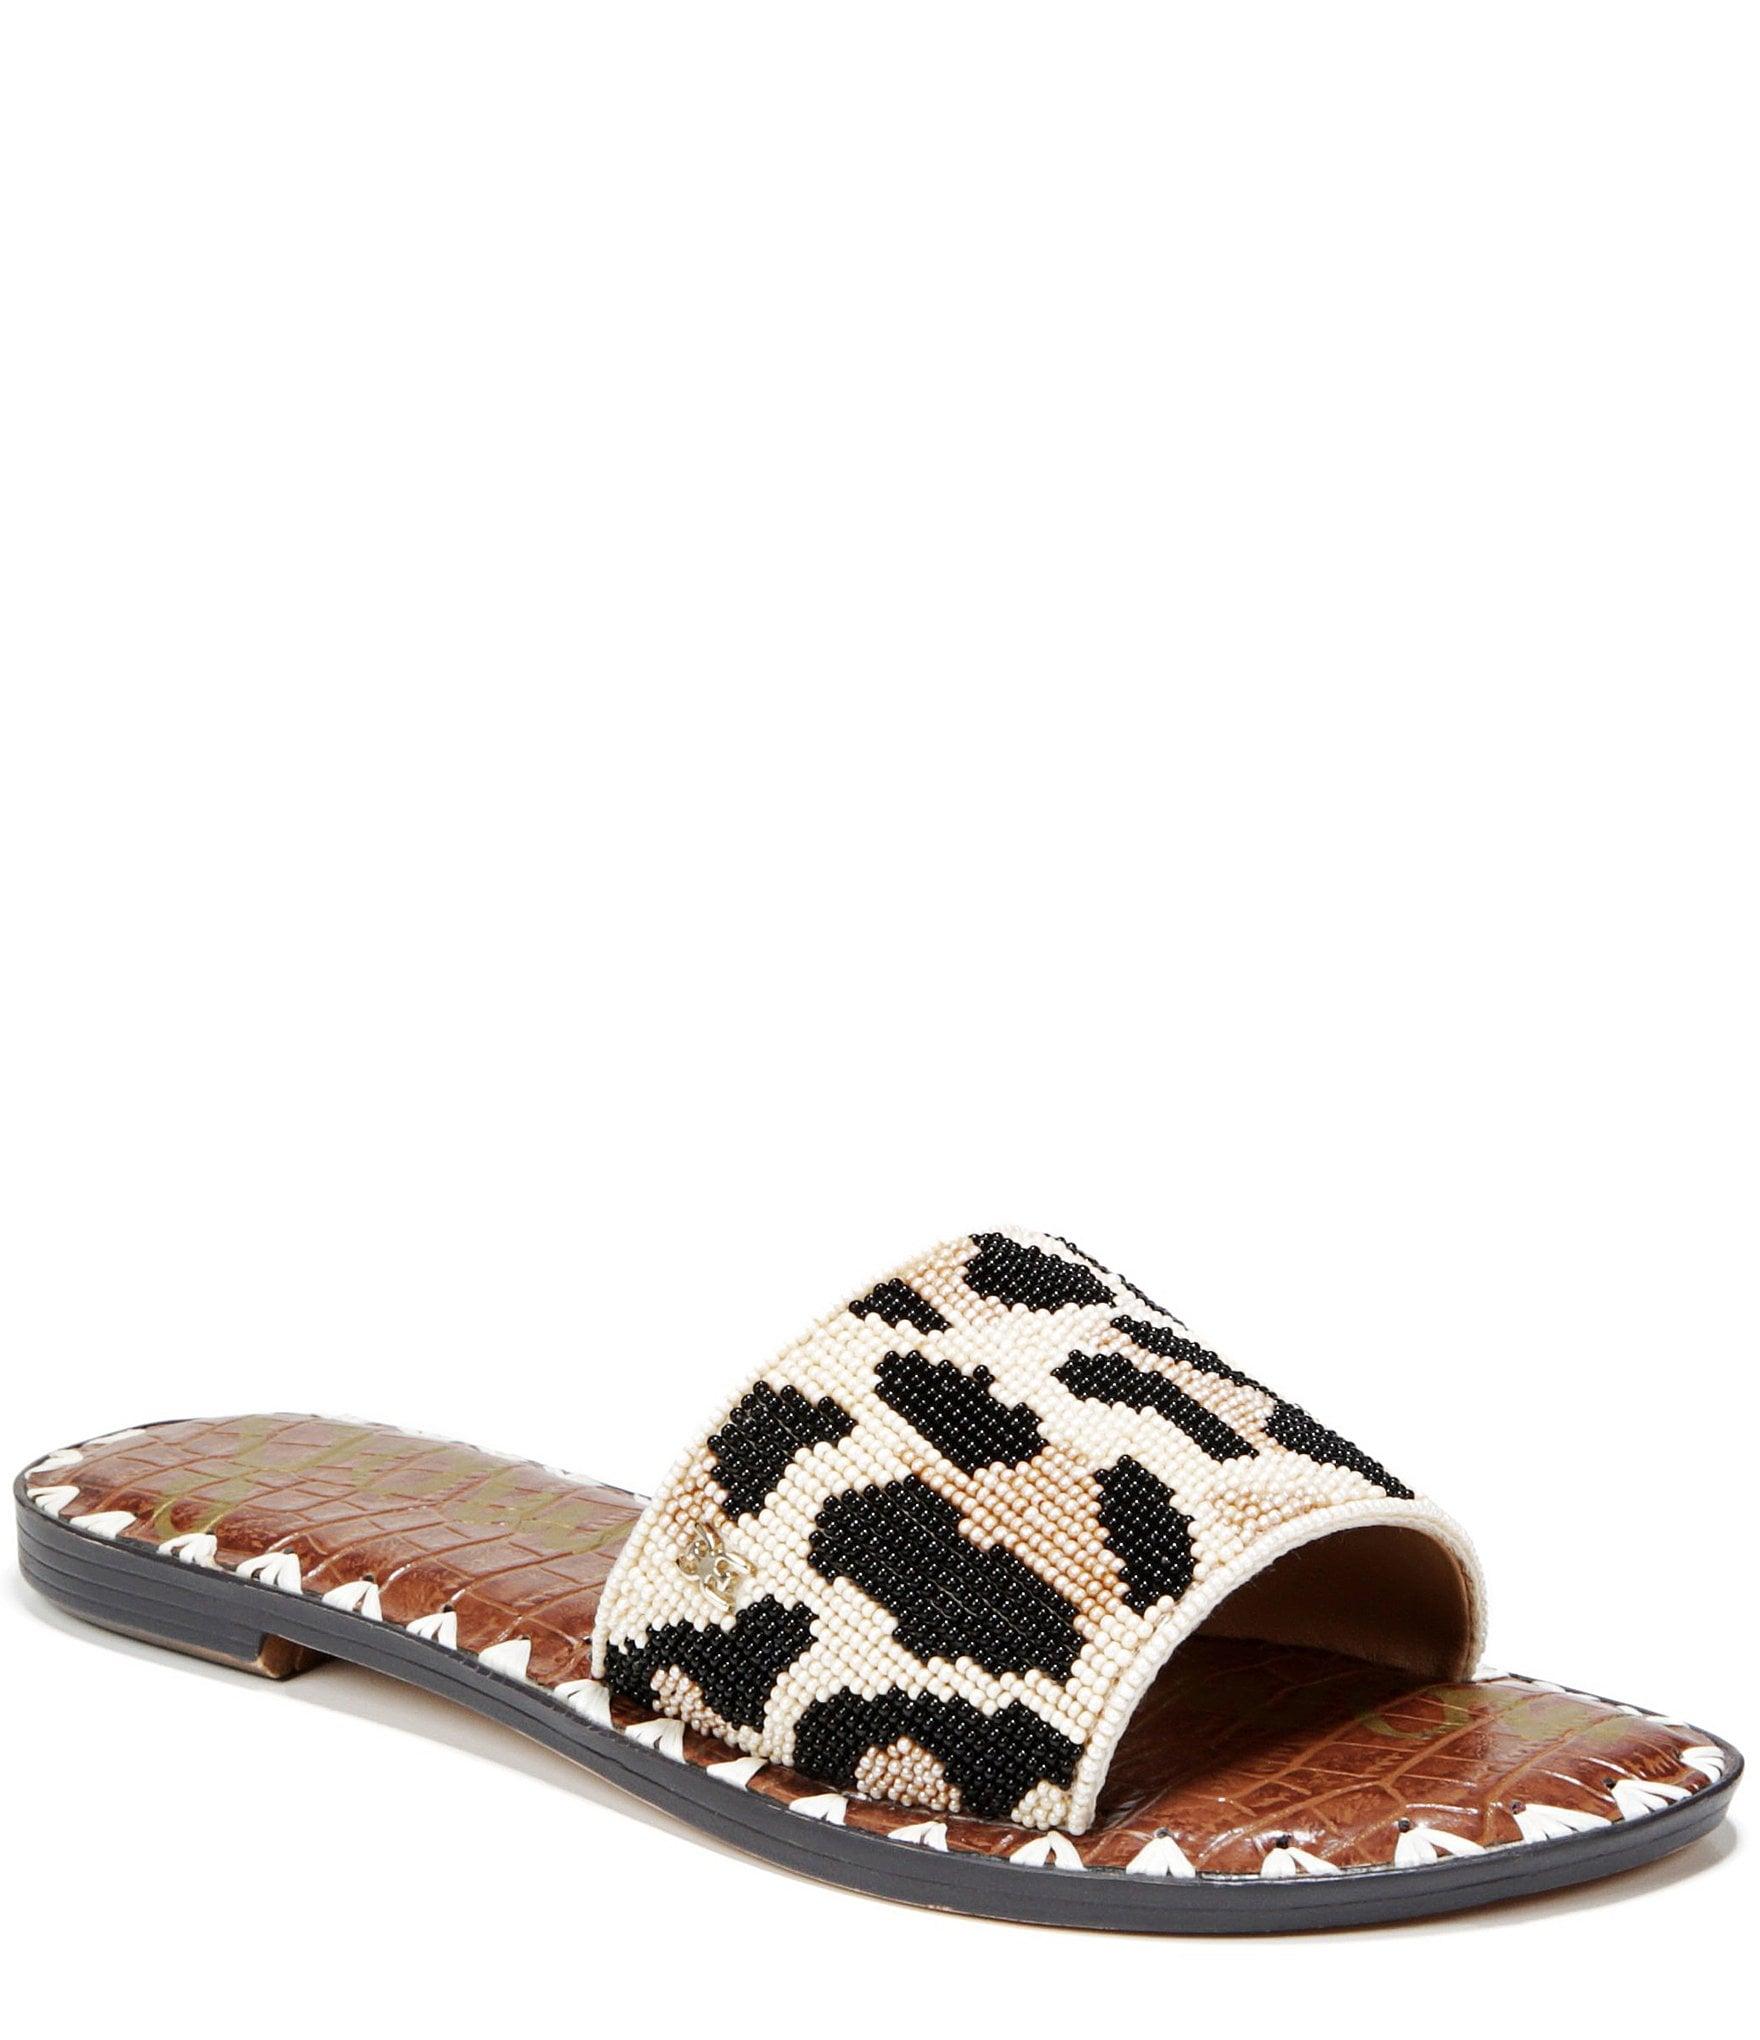 944fb1e57edb leopard shoes  Shoes for Women